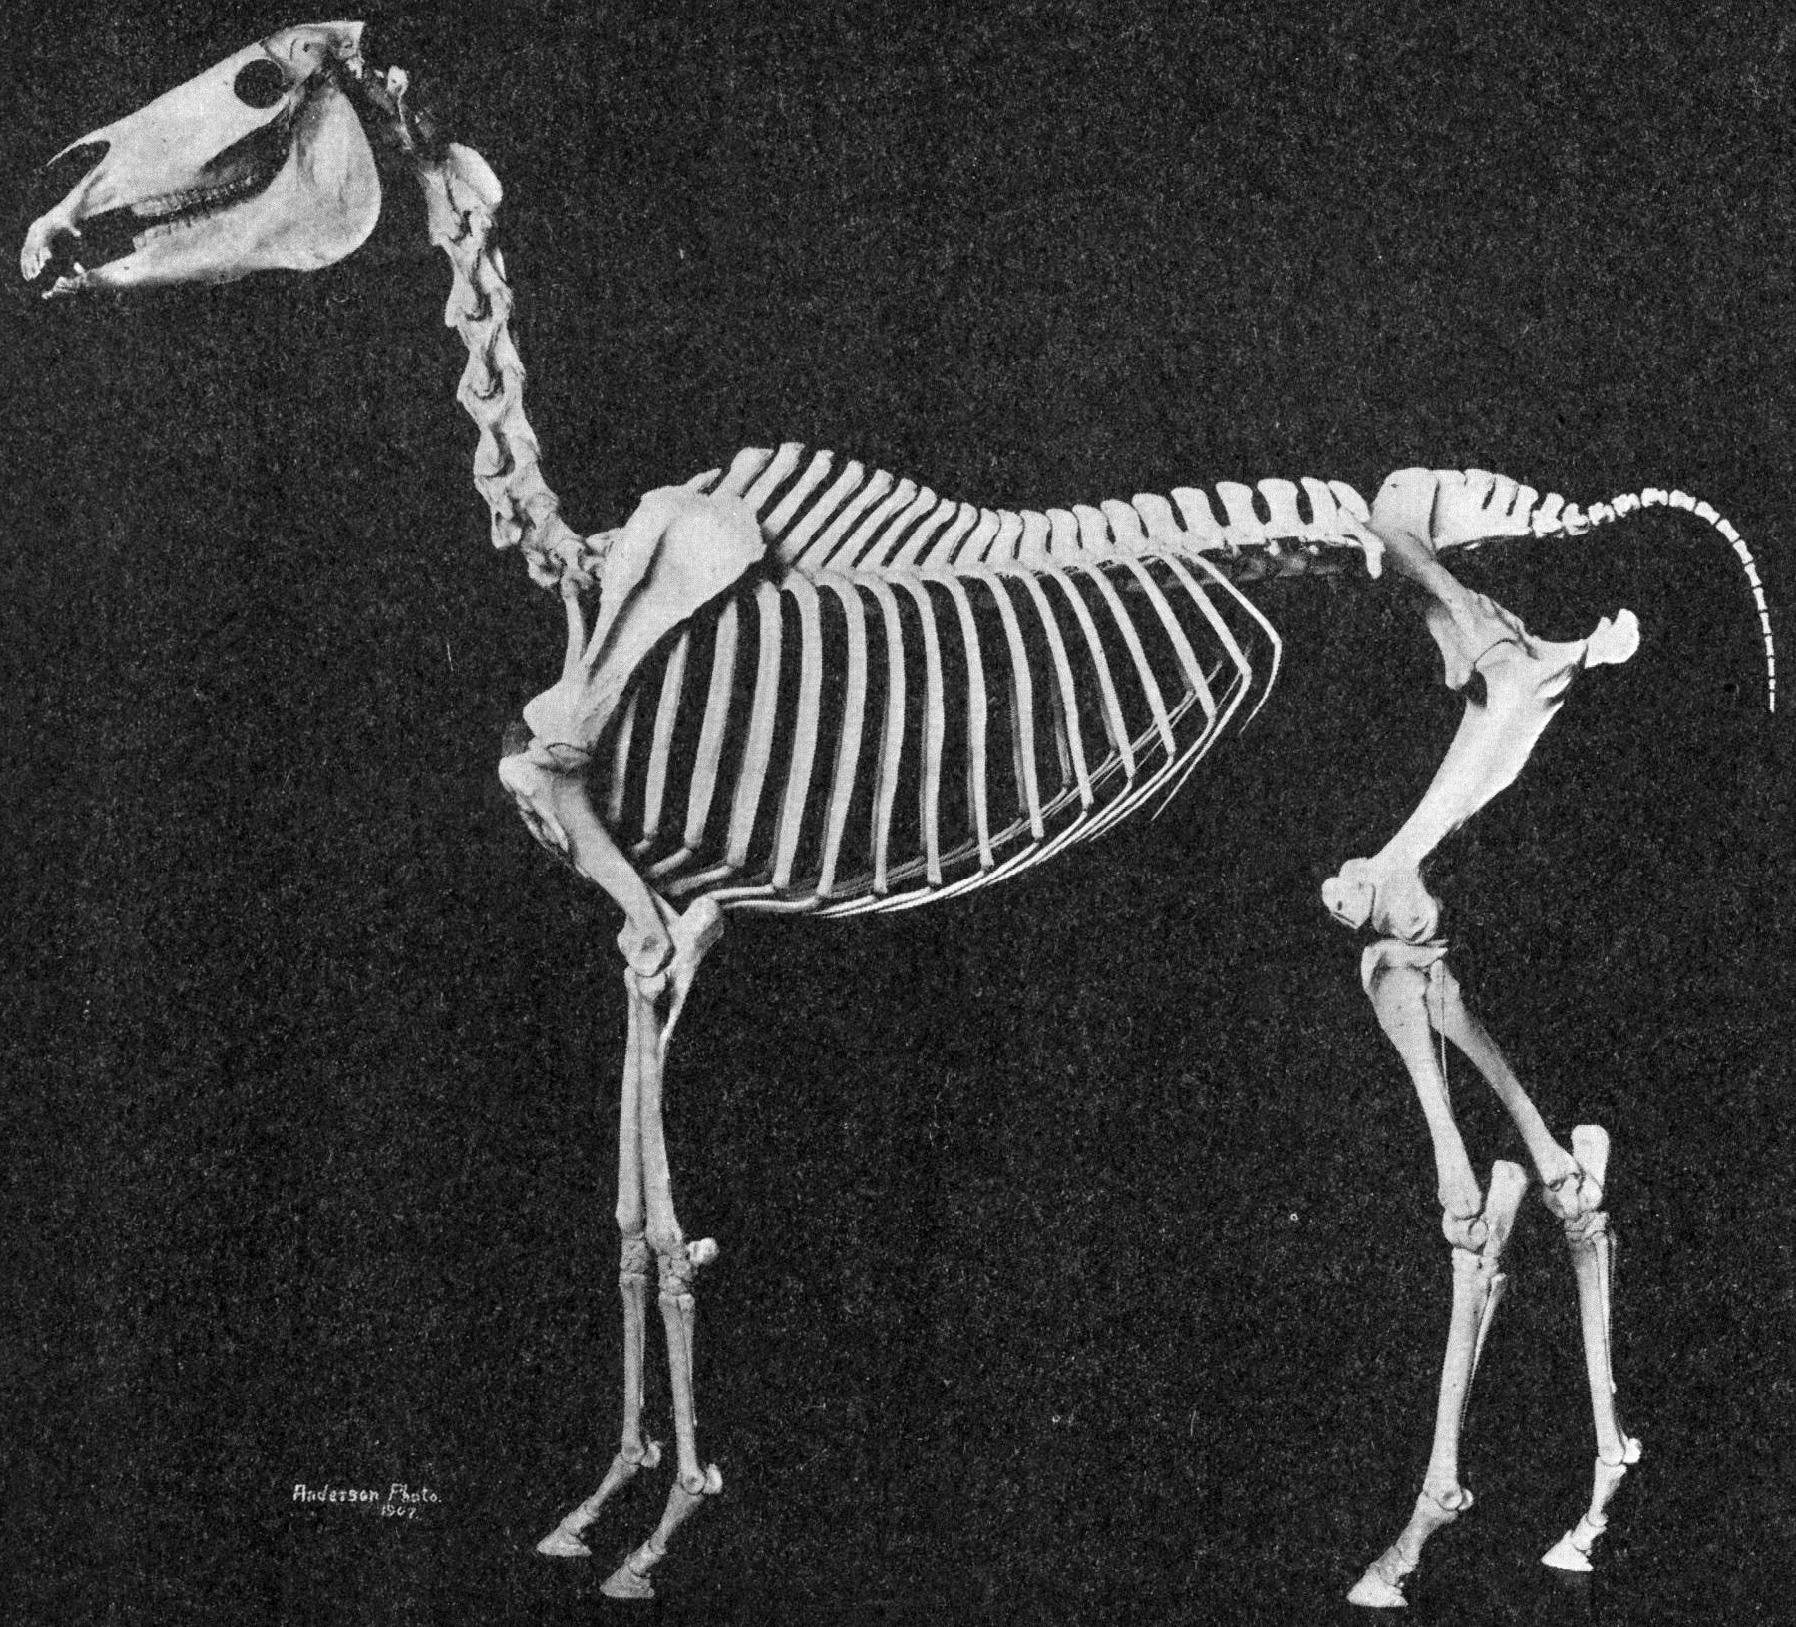 https://upload.wikimedia.org/wikipedia/commons/2/25/Arabian_horse_skeleton.jpg